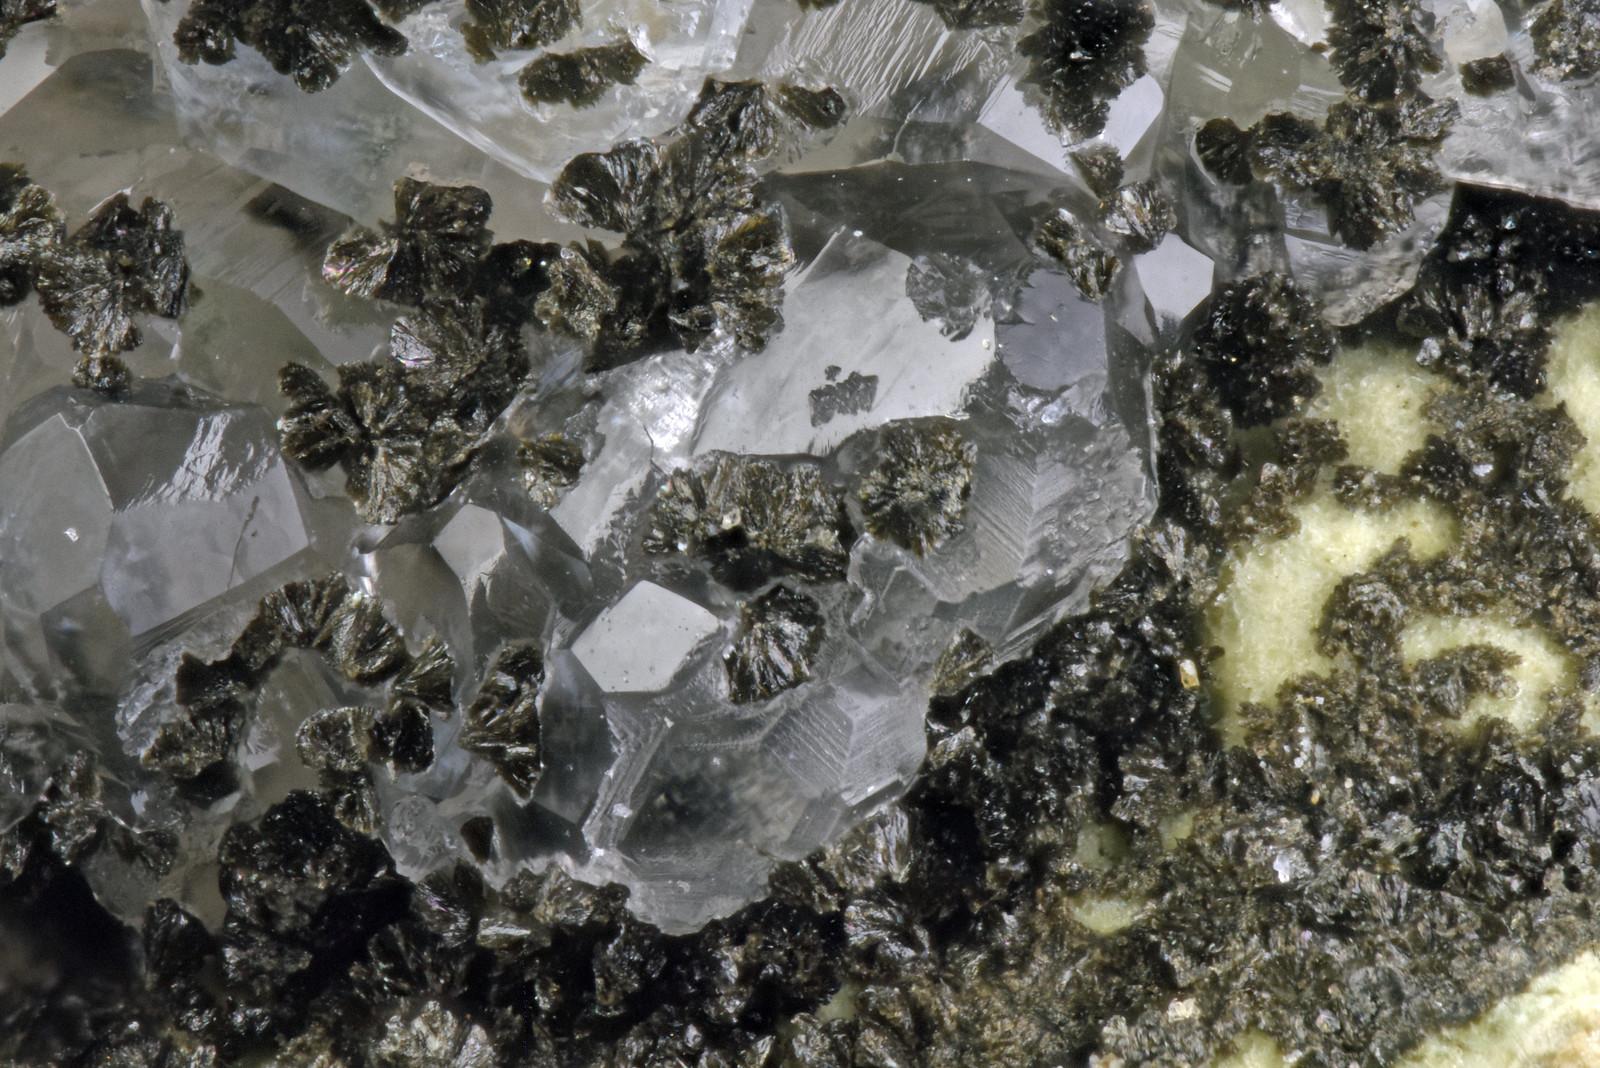 ノントロン石 / Nontronite